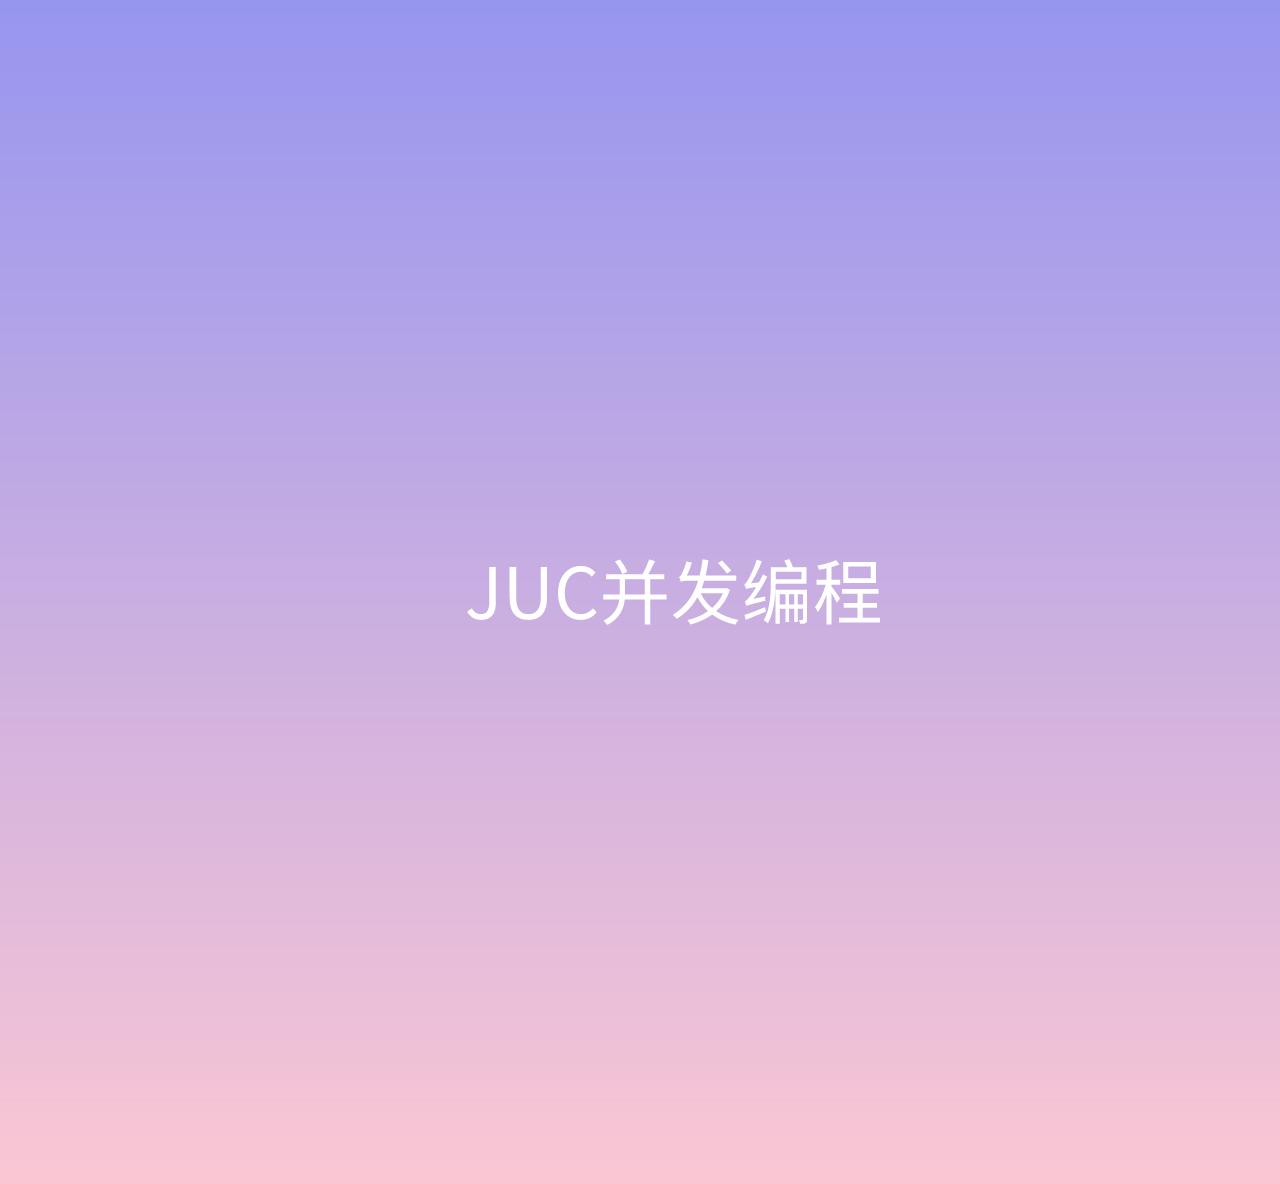 《JUC并发编程》- JUC 概述